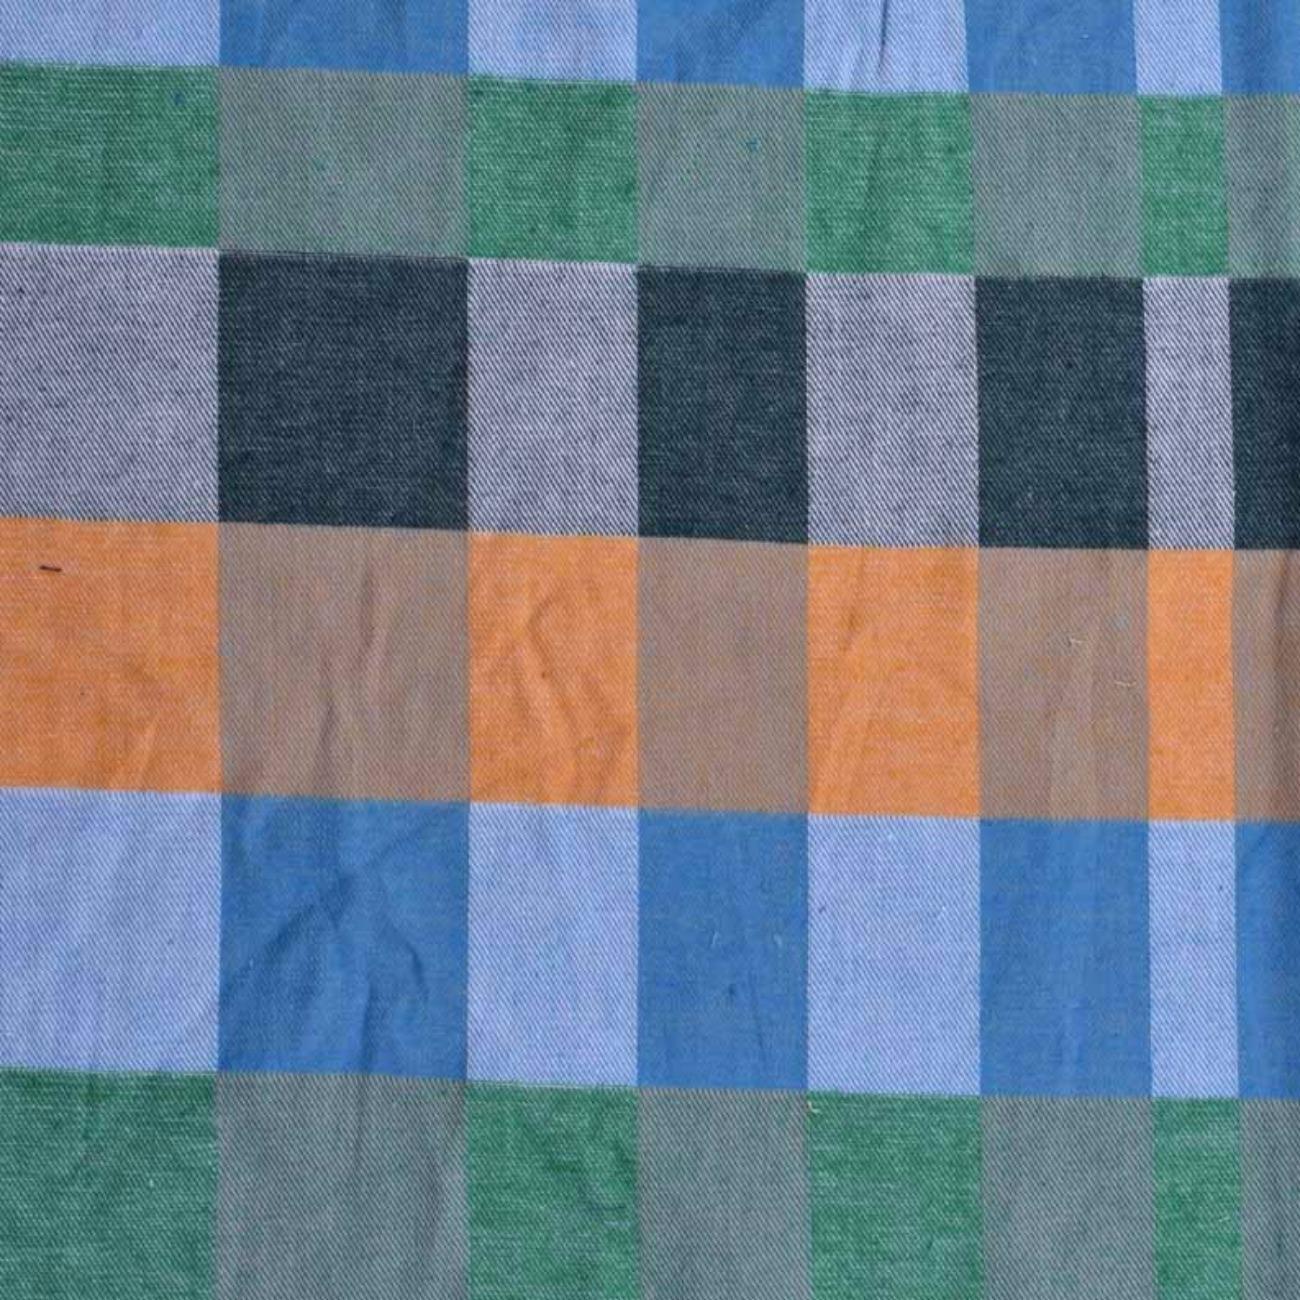 现货斜纹格子梭织色织提花低弹休闲时尚风格 衬衫 连衣裙 短裙 棉感 60929-56